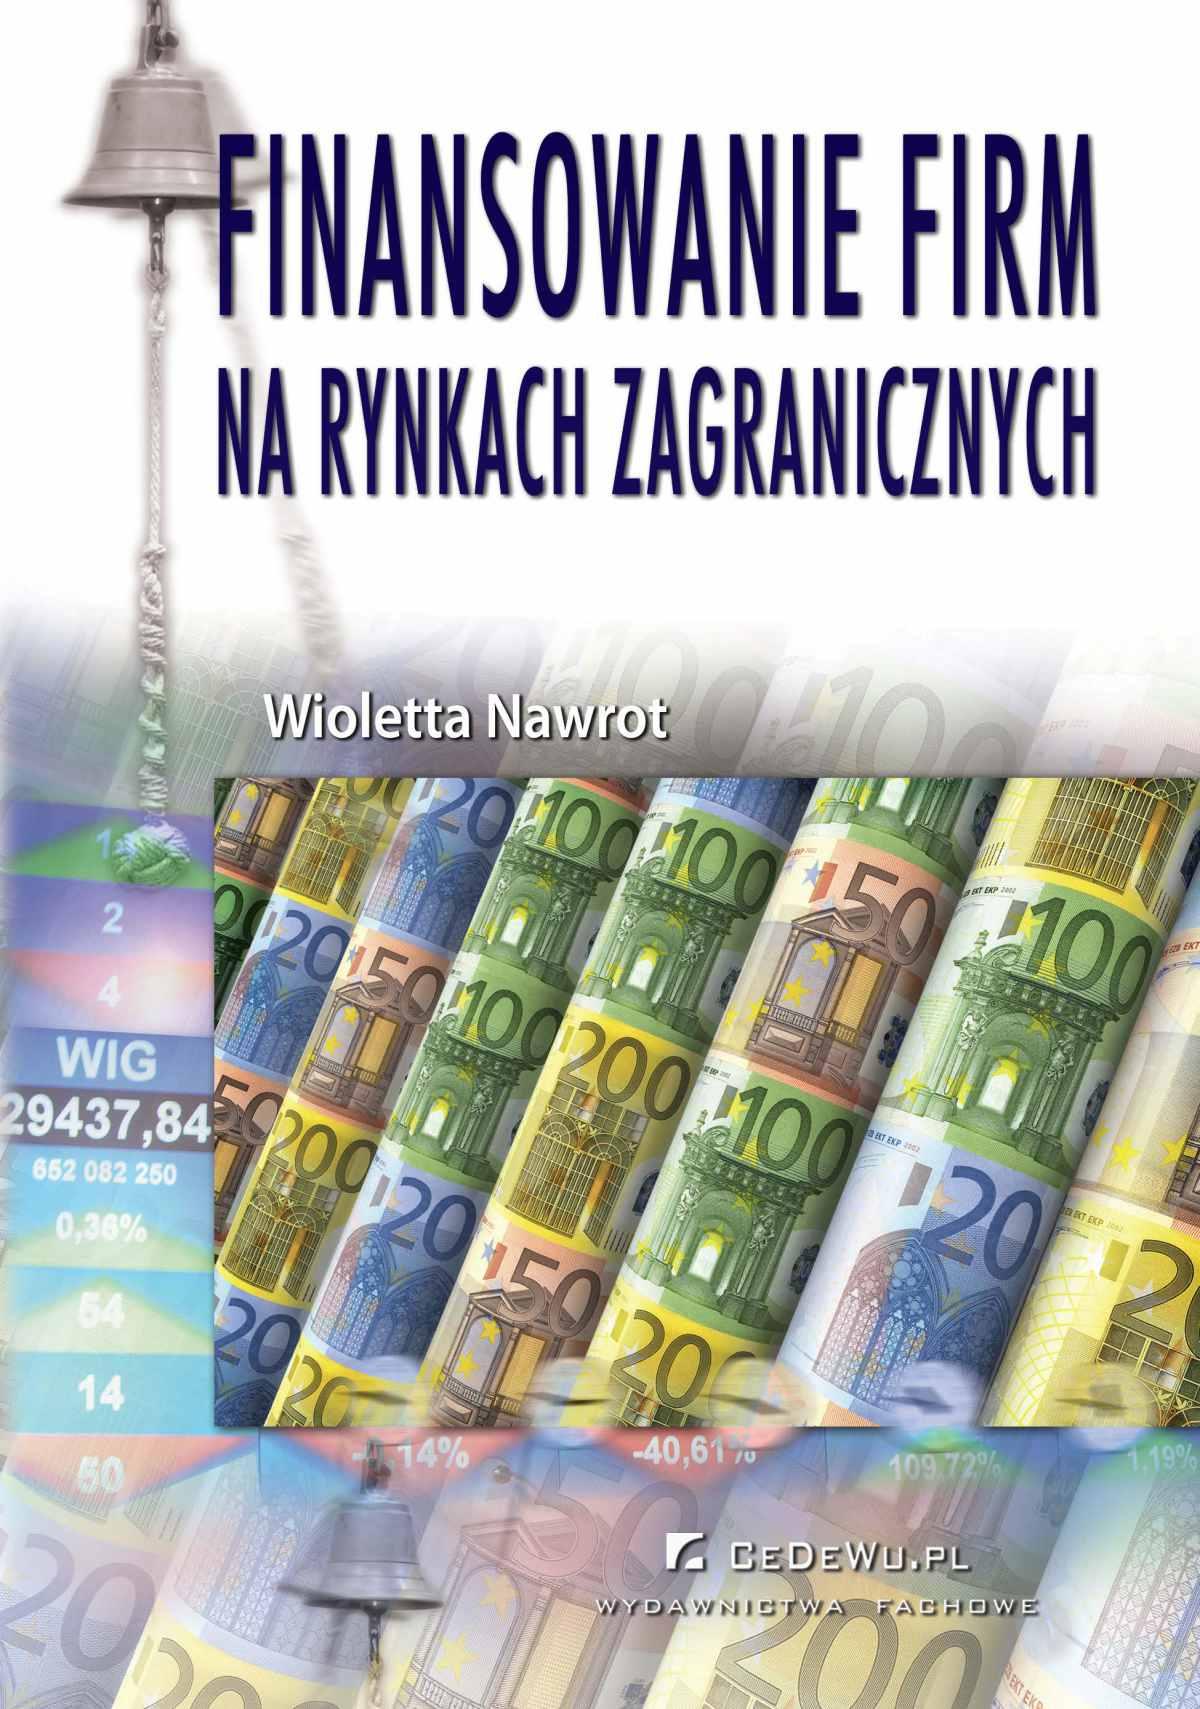 Finansowanie firm na rynkach zagranicznych (wyd. II). Rozdział 3. Praktyka wprowadzania spółek na giełdy zagraniczne - Ebook (Książka PDF) do pobrania w formacie PDF